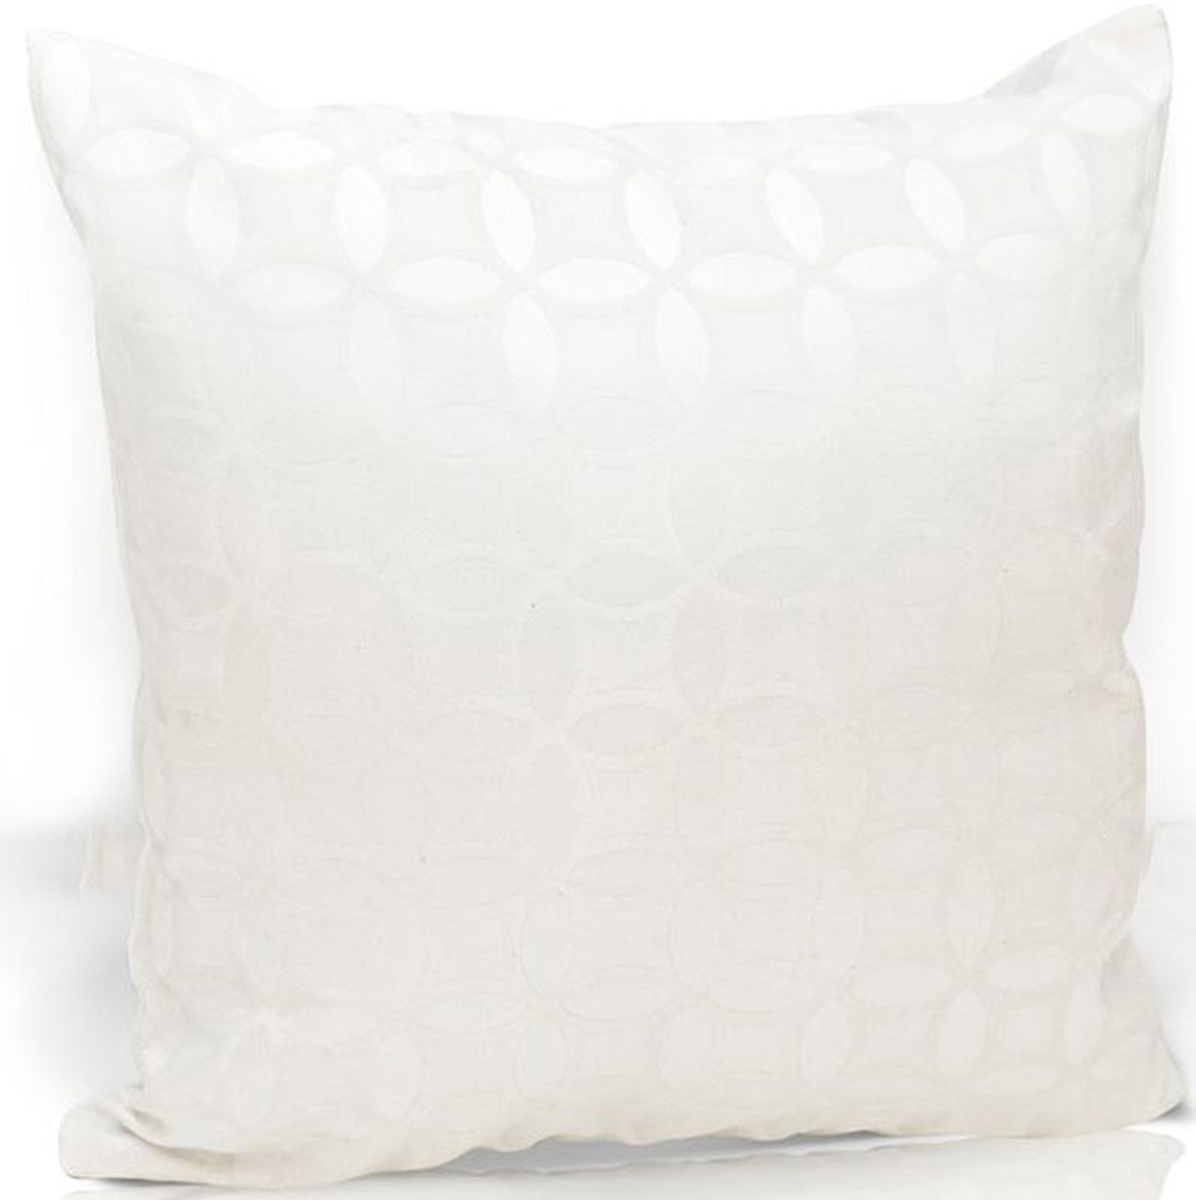 Подушка декоративная KauffOrt Линза, цвет: белый, 40 х 40 см3122225610Декоративная подушка KauffOrt  прекрасно дополнит интерьер спальни или гостиной. Чехолподушки выполнен из двухстороннего жаккарда (12% хлопок, 76% полиэстер, 12% полиакрил). Внутри находится мягкий наполнитель.Чехол легко снимаетсяблагодаря потайной молнии.